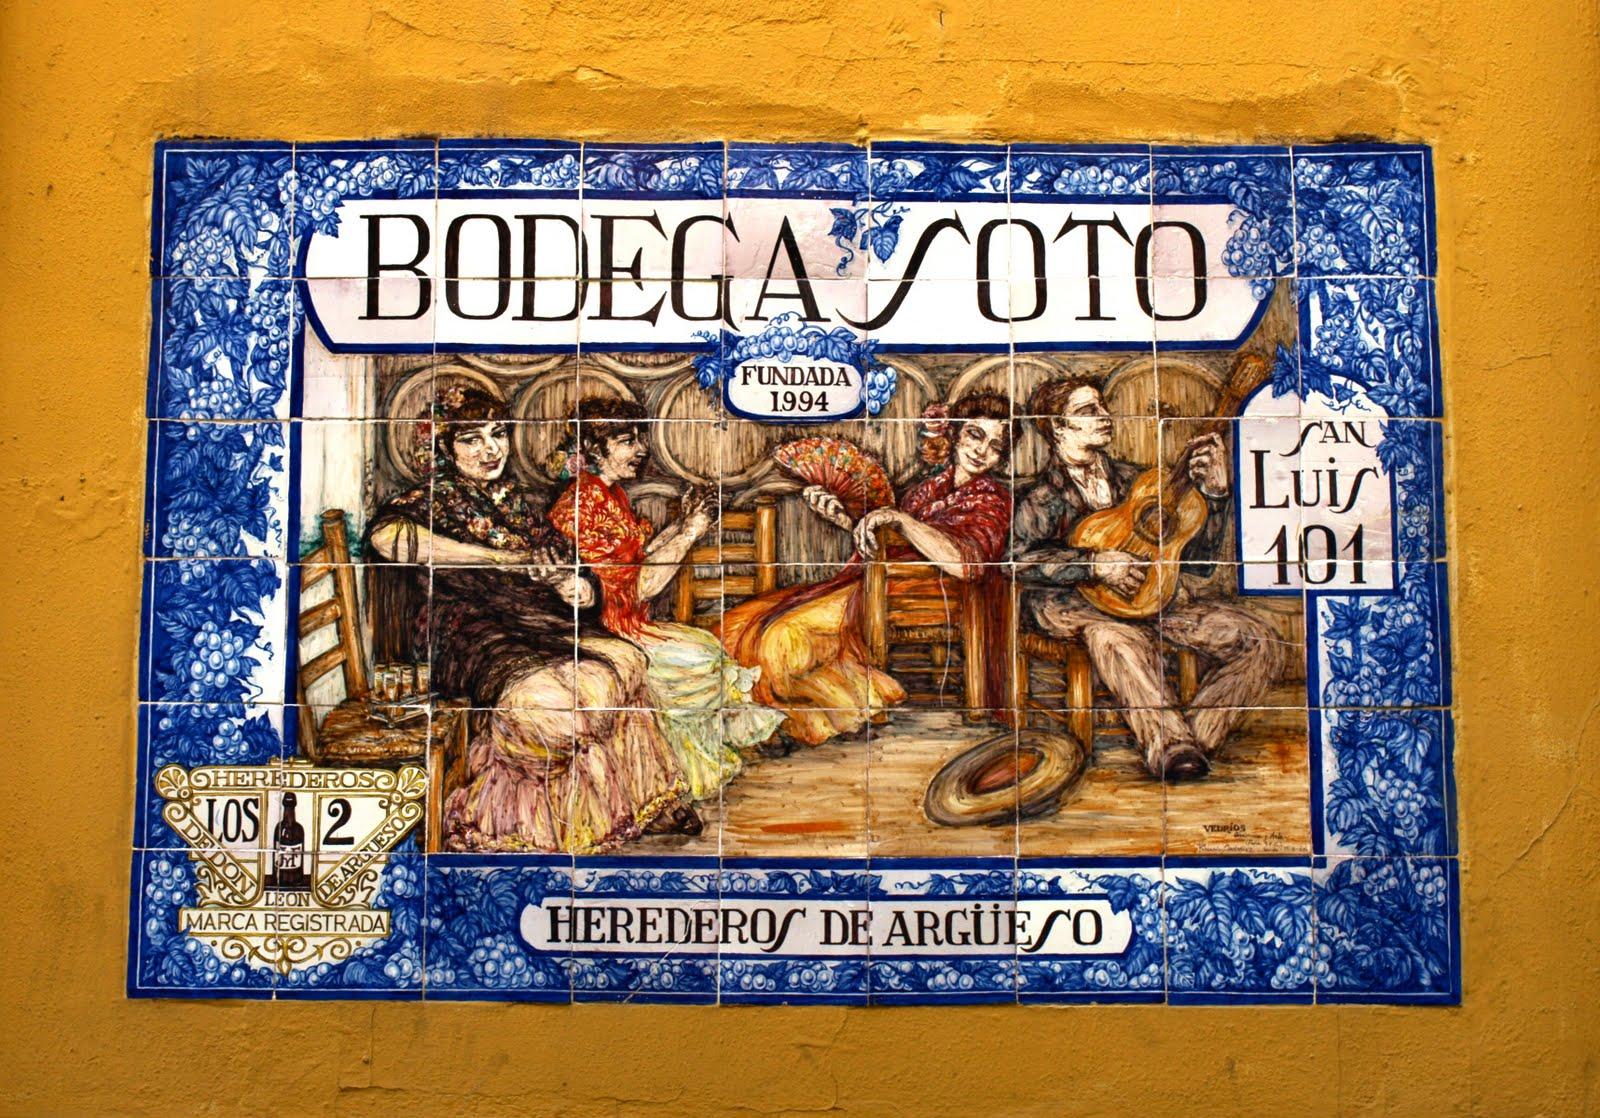 Sevilla Daily Photo La Bodega Soto